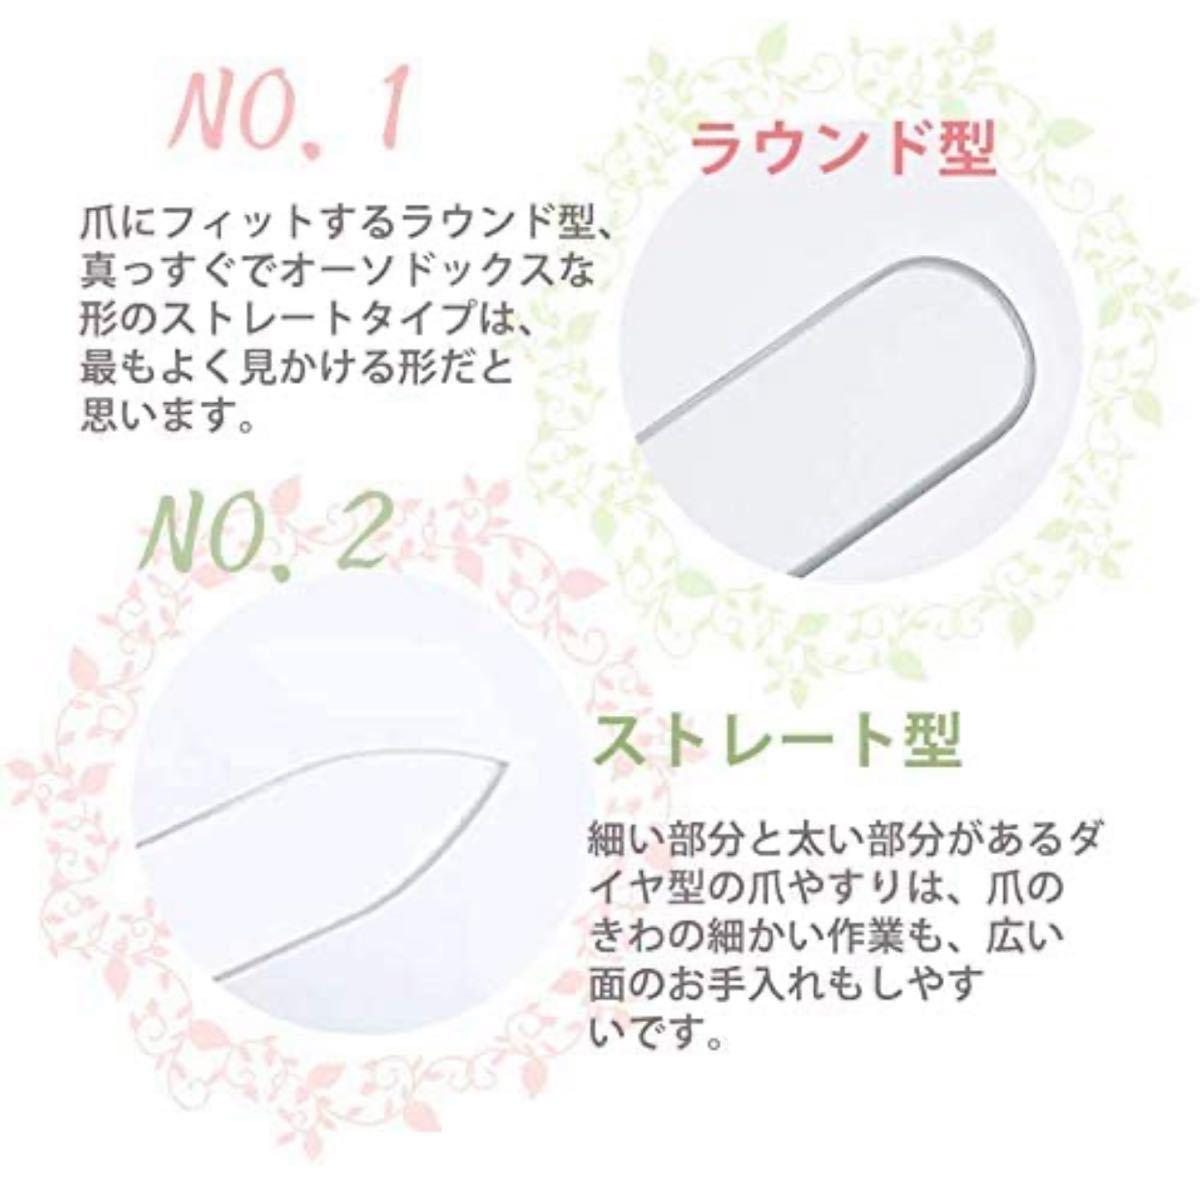 個セット 爪やすり 爪磨き ガラス製